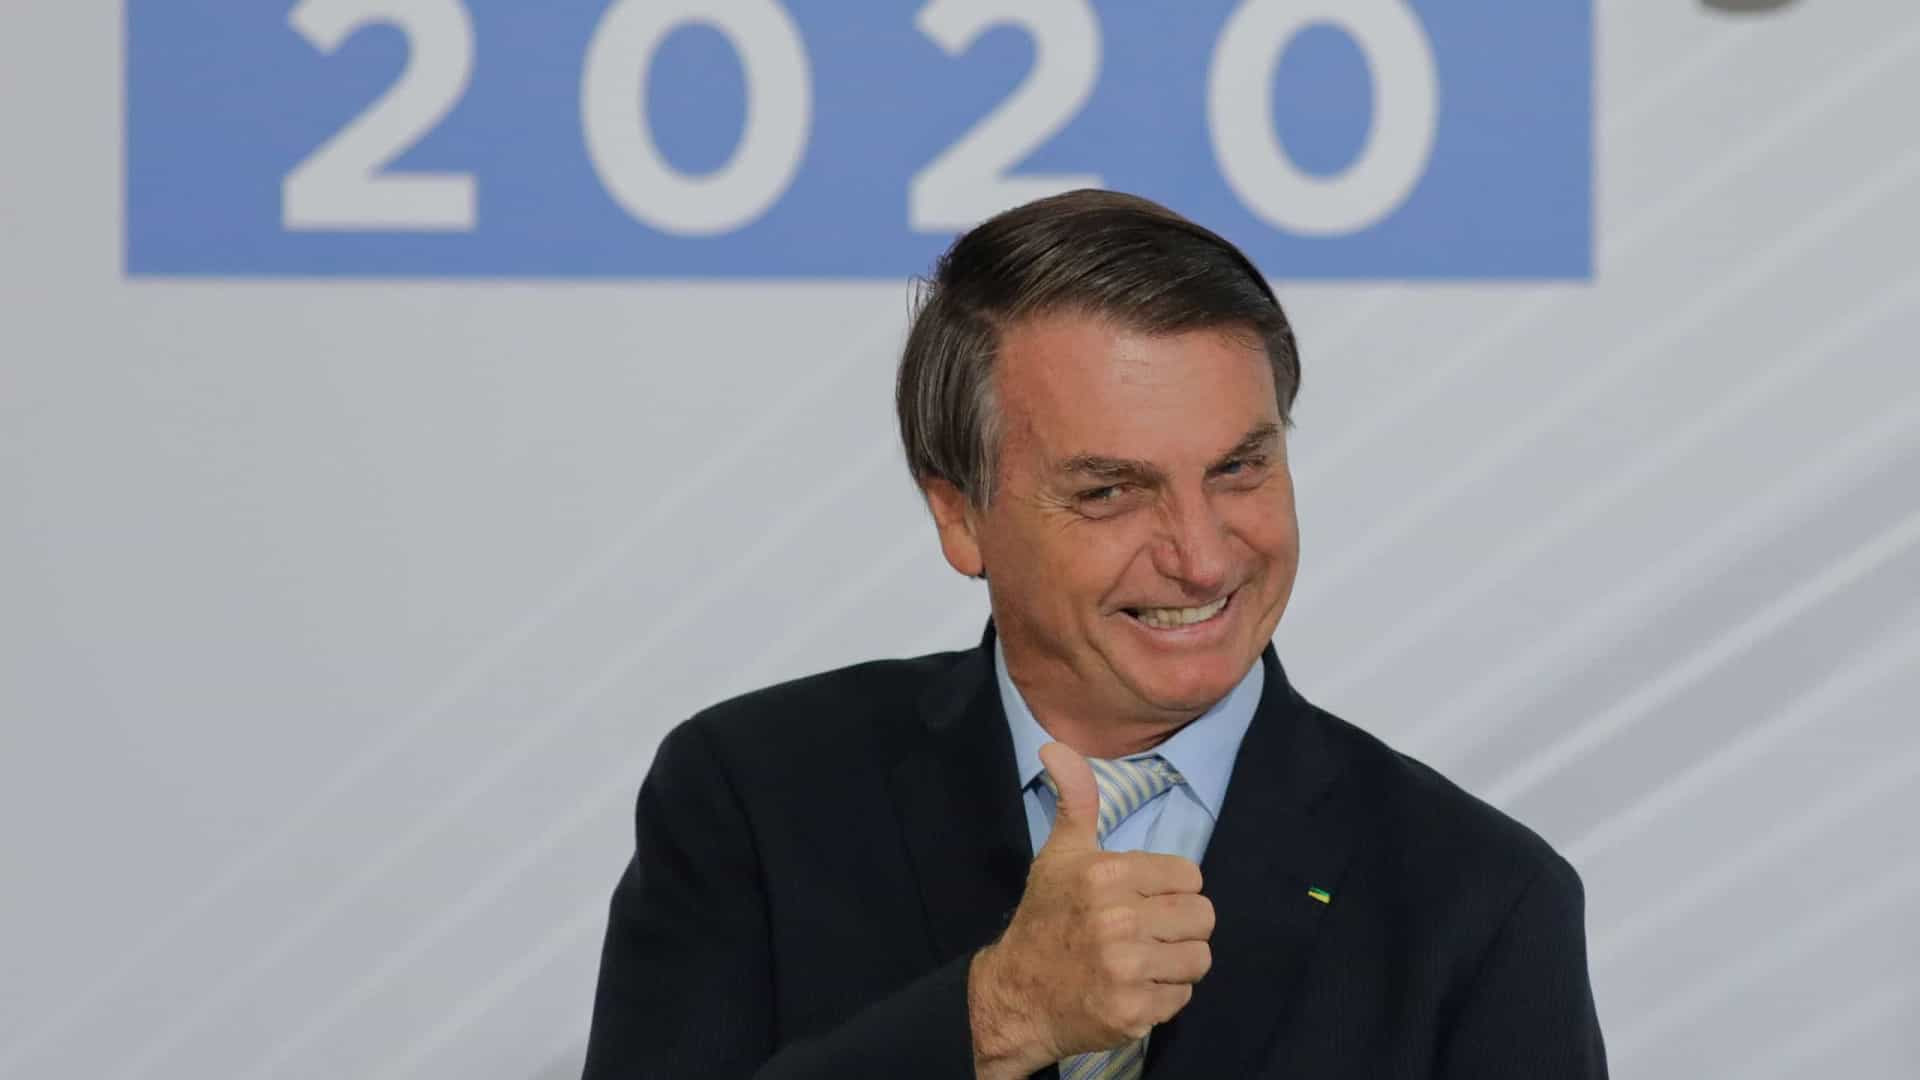 Se a gente não tiver voto impresso, pode esquecer eleição de 22, diz Bolsonaro a apoiadores